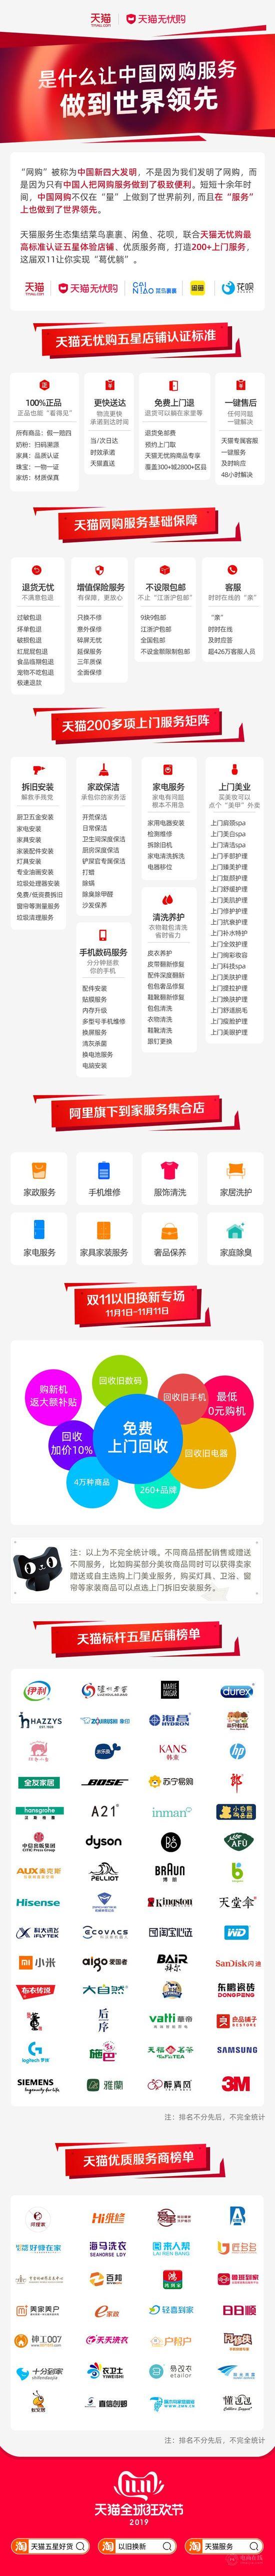 天猫双11升级200多项服务 提供一站式网购